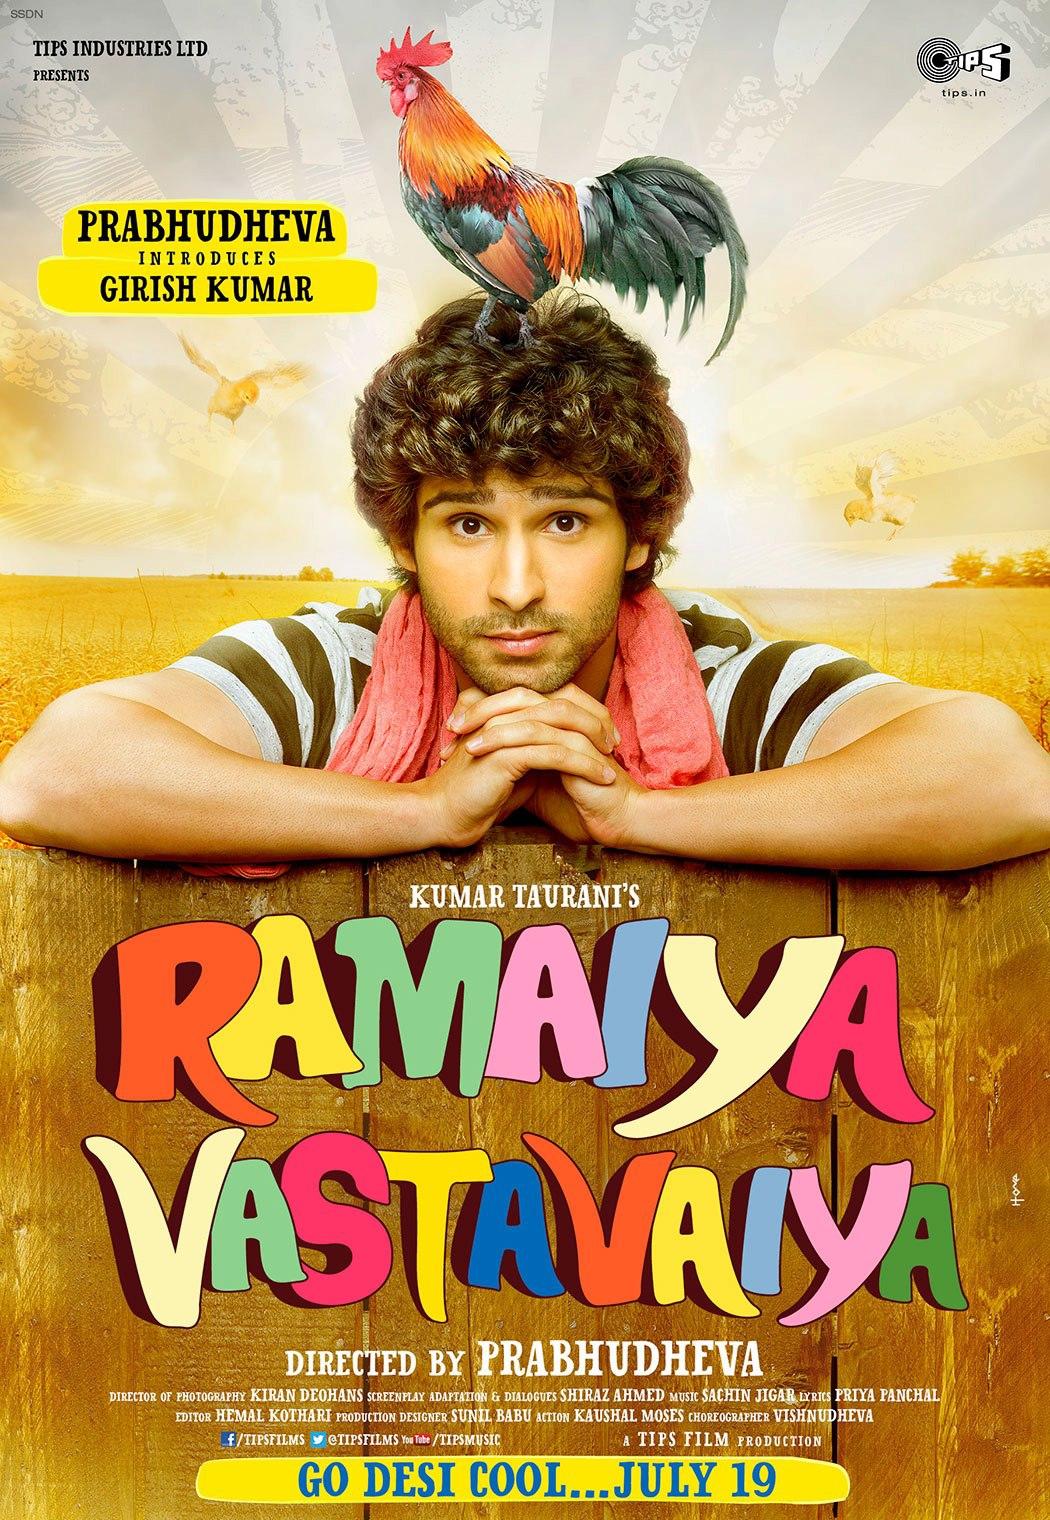 Ramaiya Vastavaiya - Movie Poster #10 (Original)